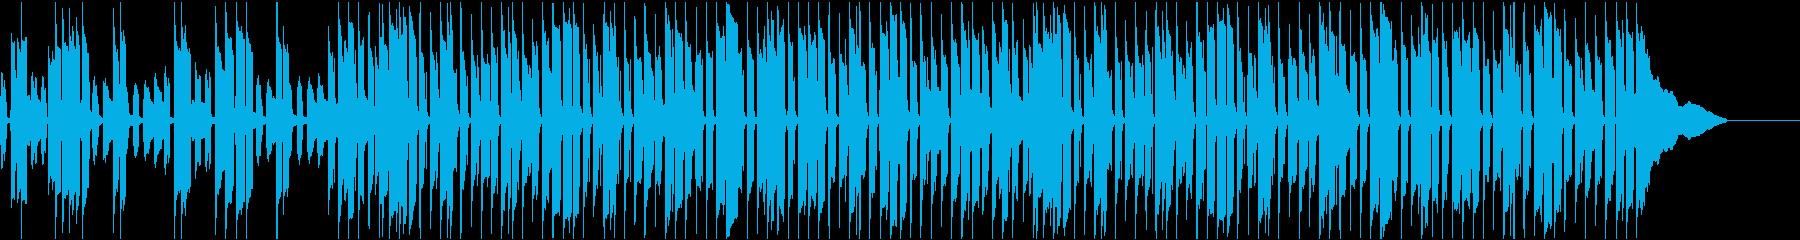 日常/ほのぼの/雑談/トーク/コーナーの再生済みの波形